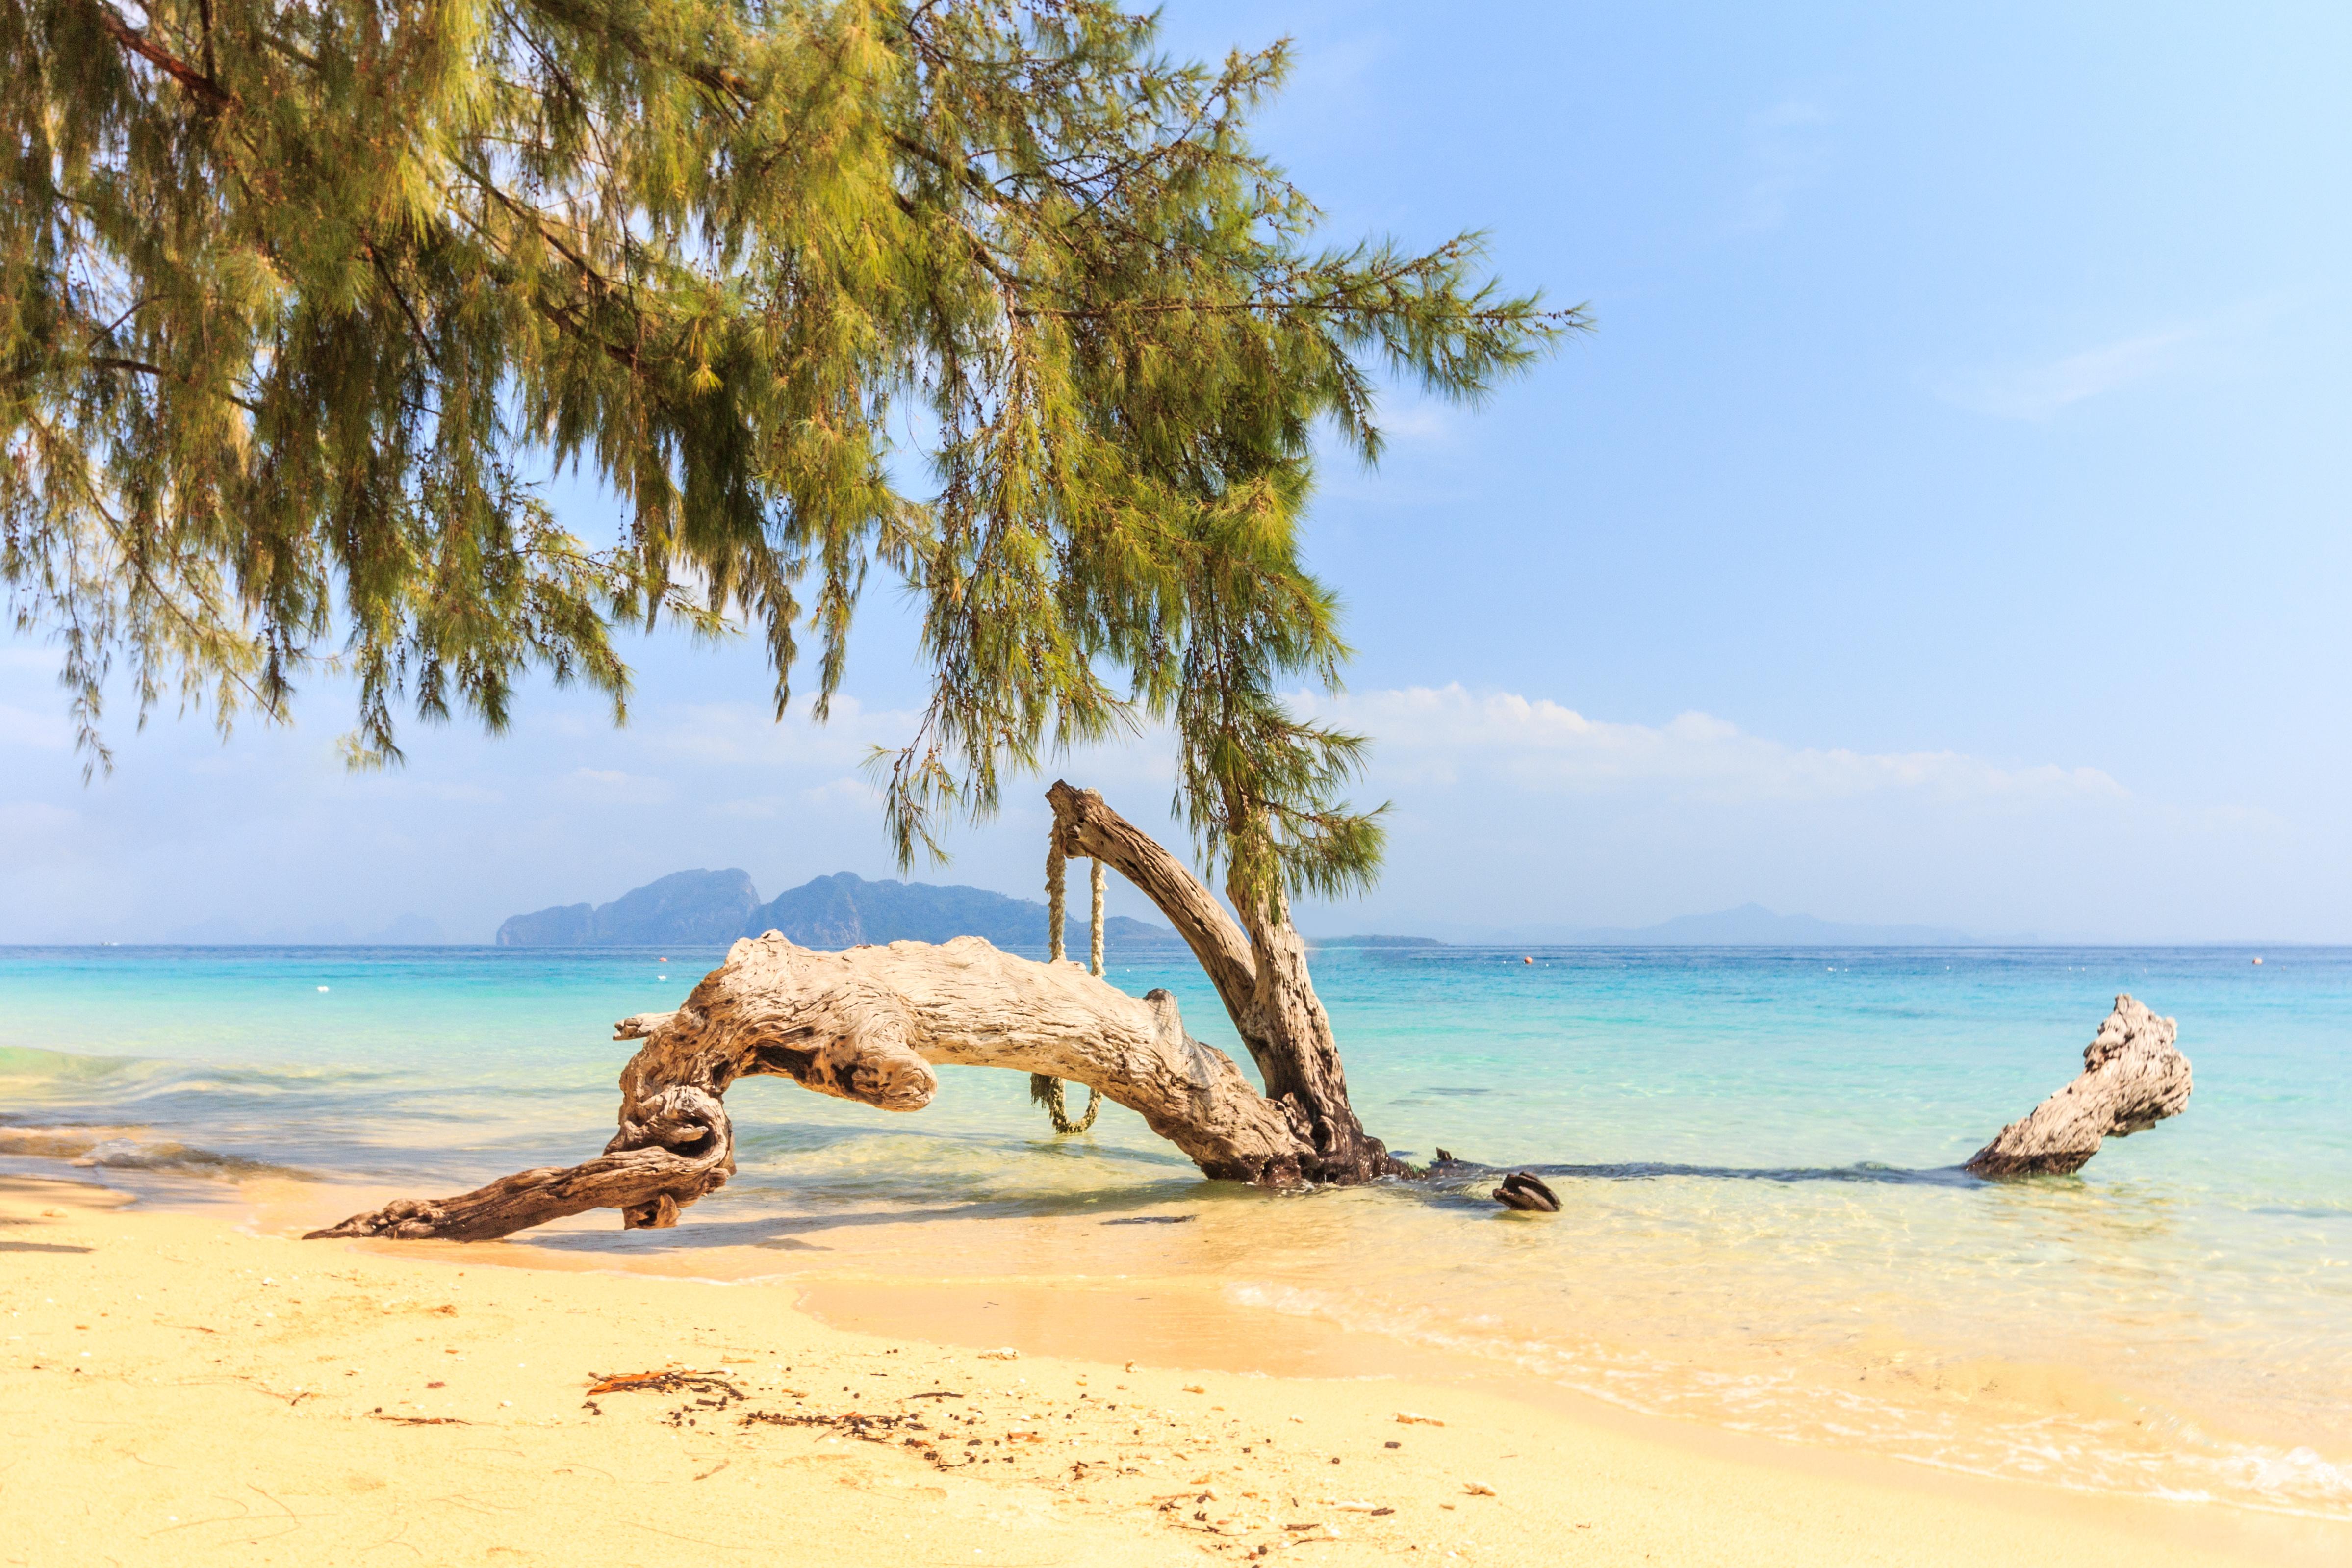 Koh Kradan soft sand beach